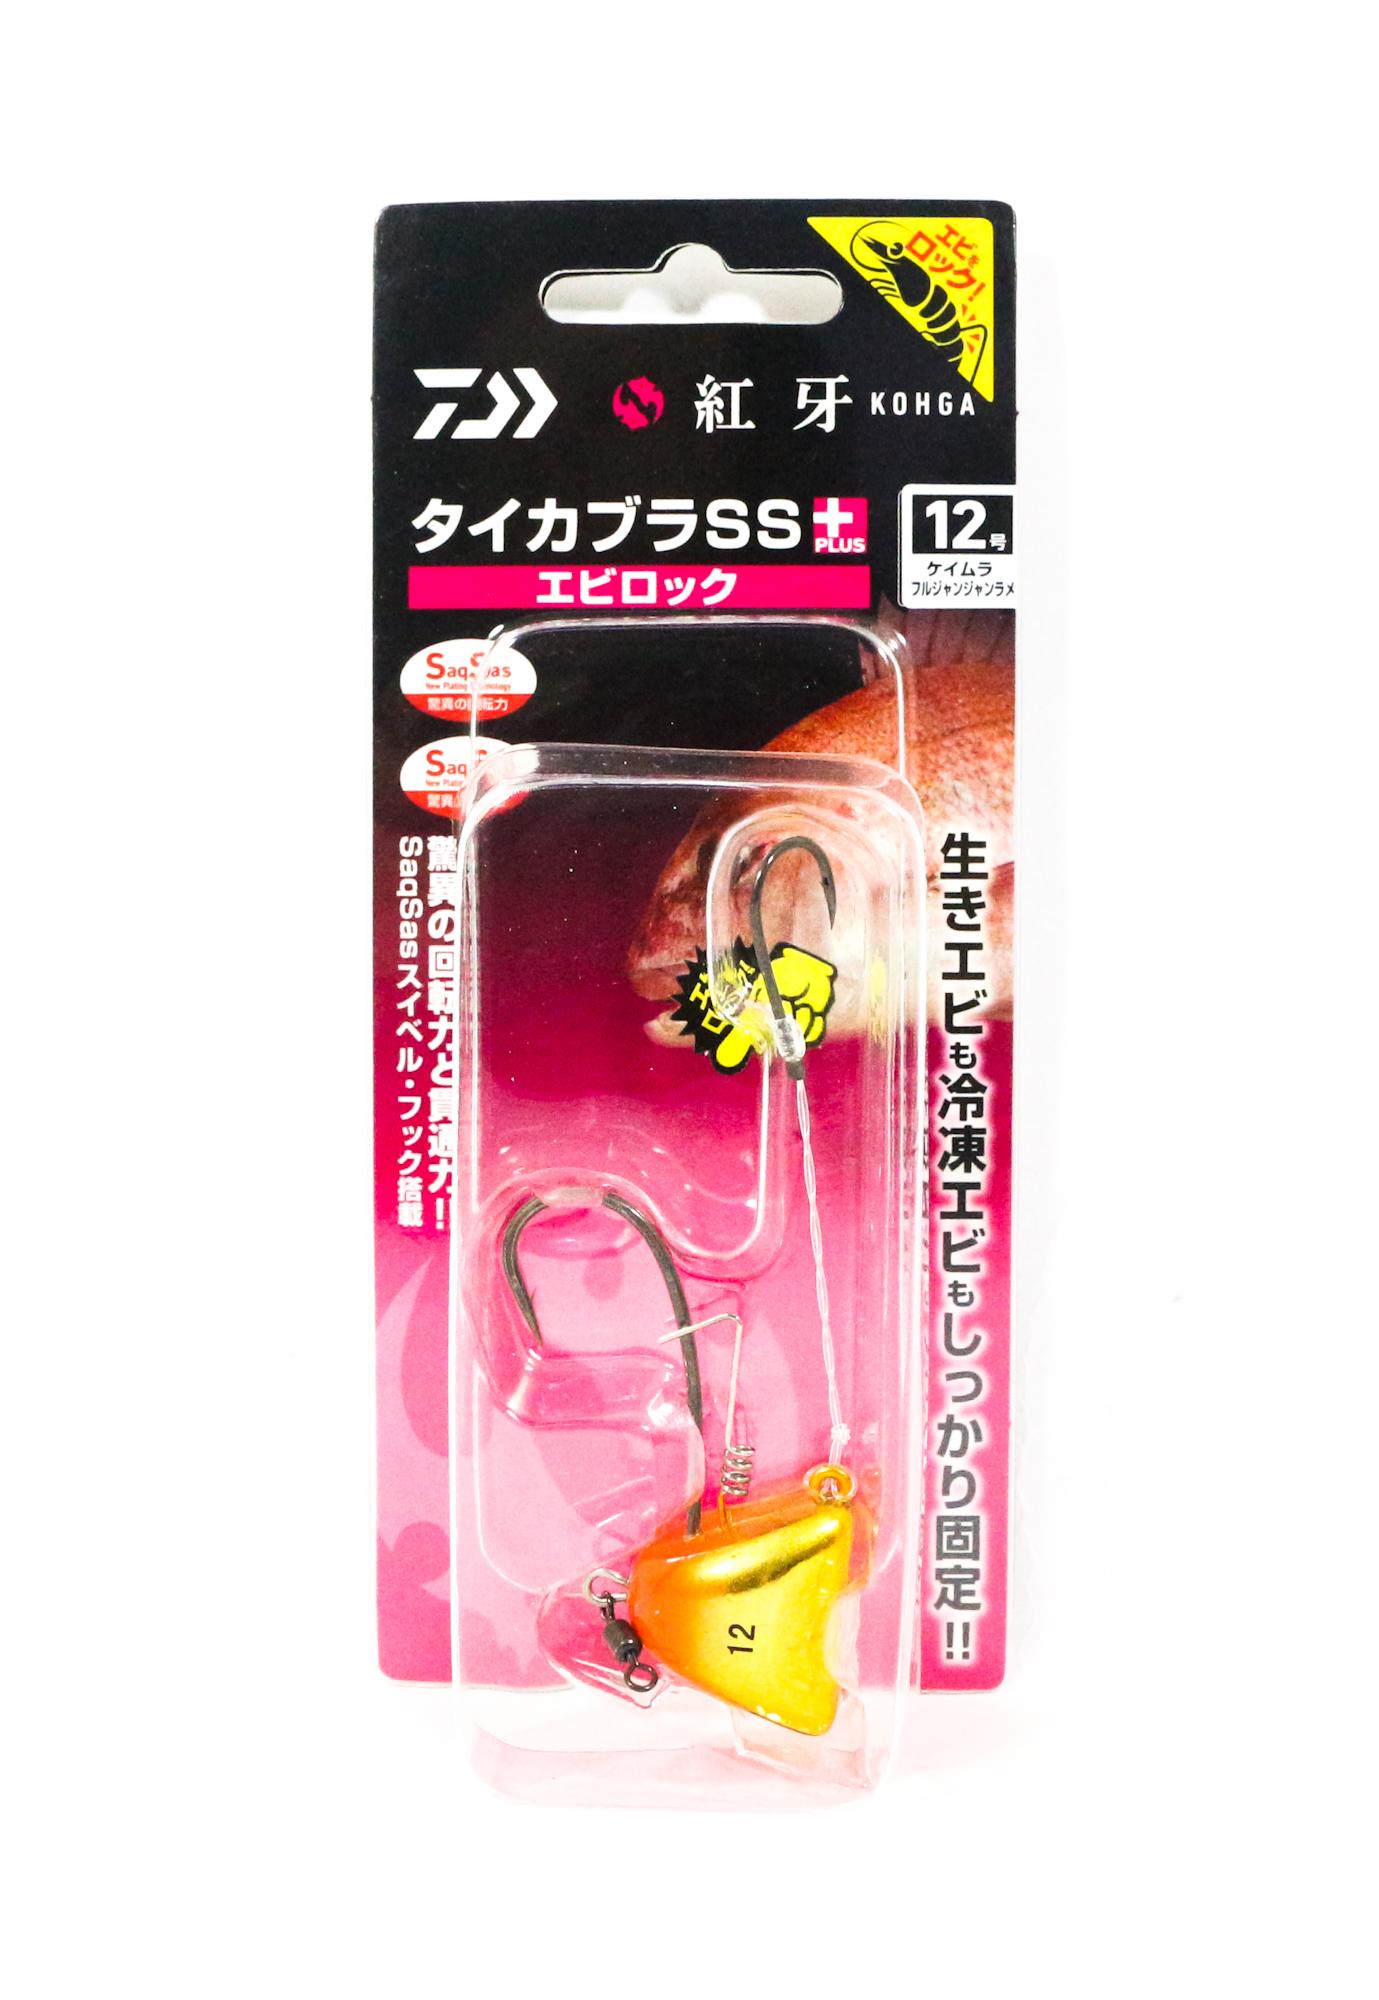 Daiwa Kabura SS+ Tenya Jig Size 12 UV Orange/GD 003226